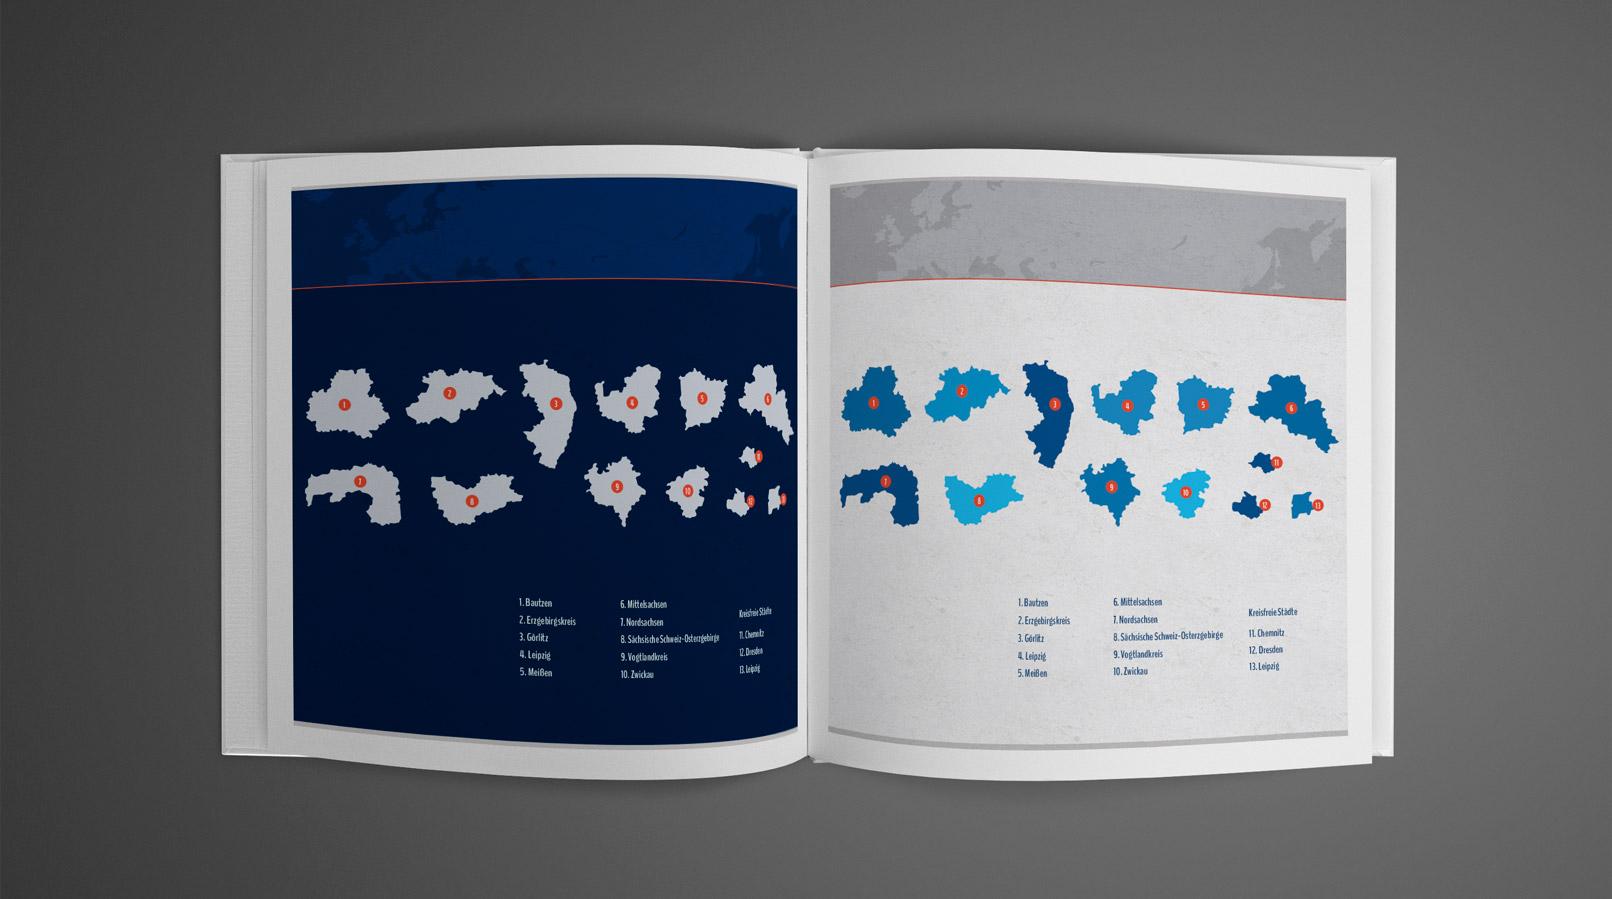 Broschüre mit der Landkarte von Sachsen